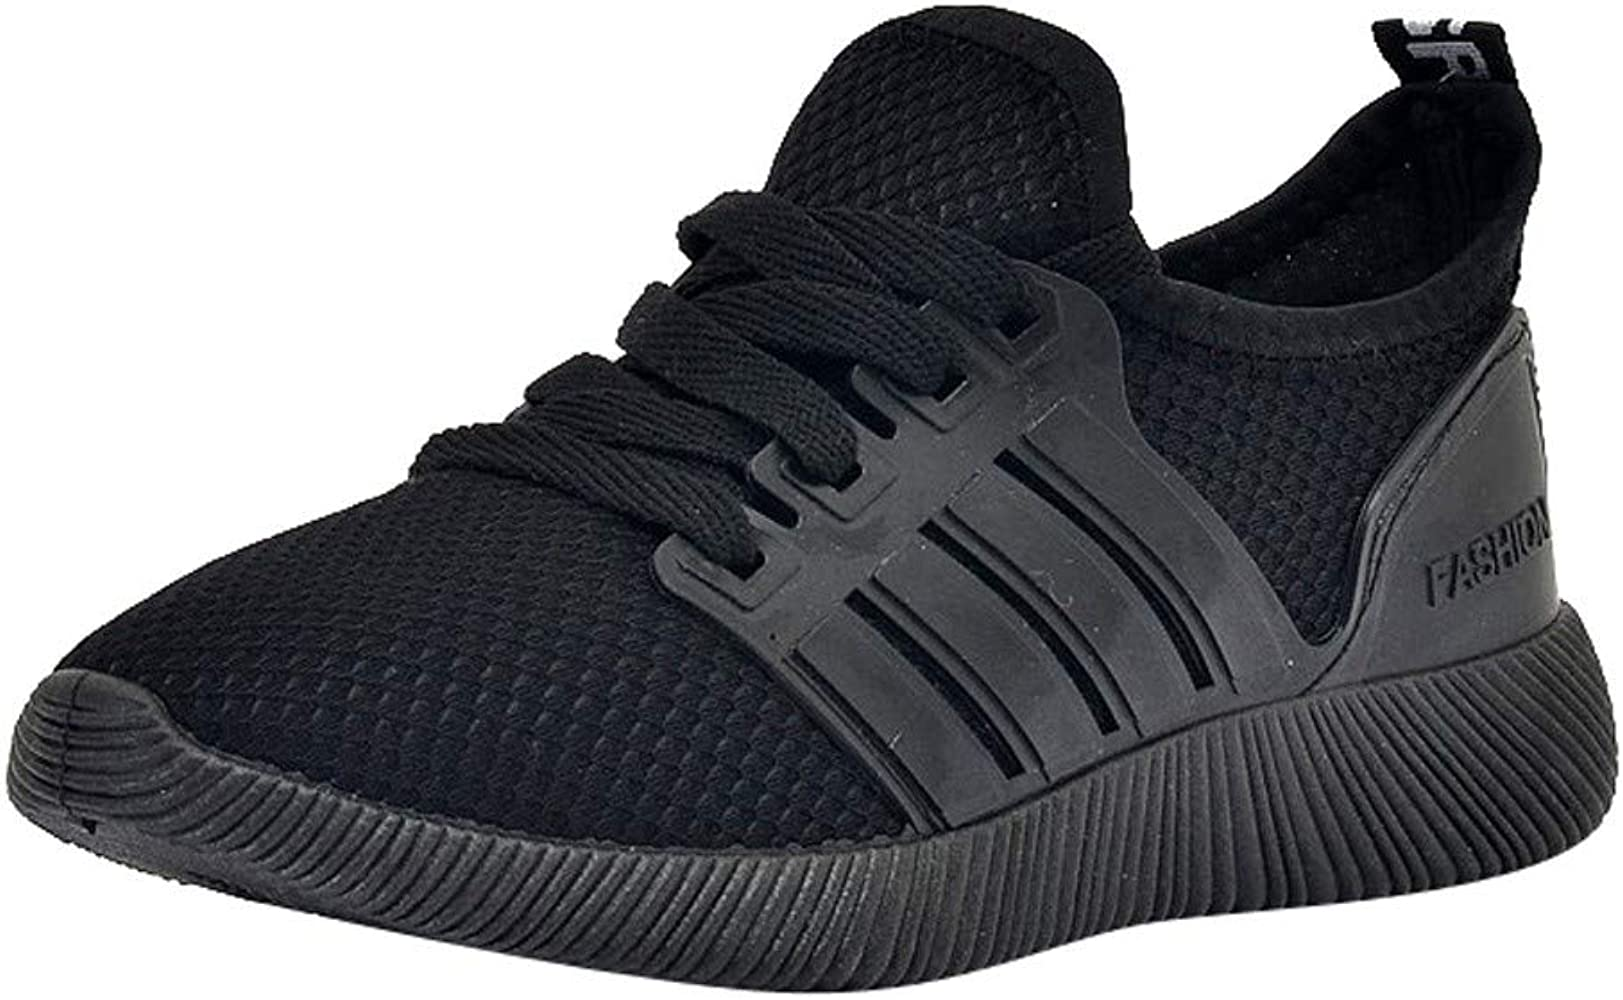 Zapatos de Mujer, ASHOP Zapatillas Deportivas de Running para Mujer Estudiante Respirable Sneakers de Entrenamiento (Negro,EU 36): Amazon.es: Ropa y accesorios